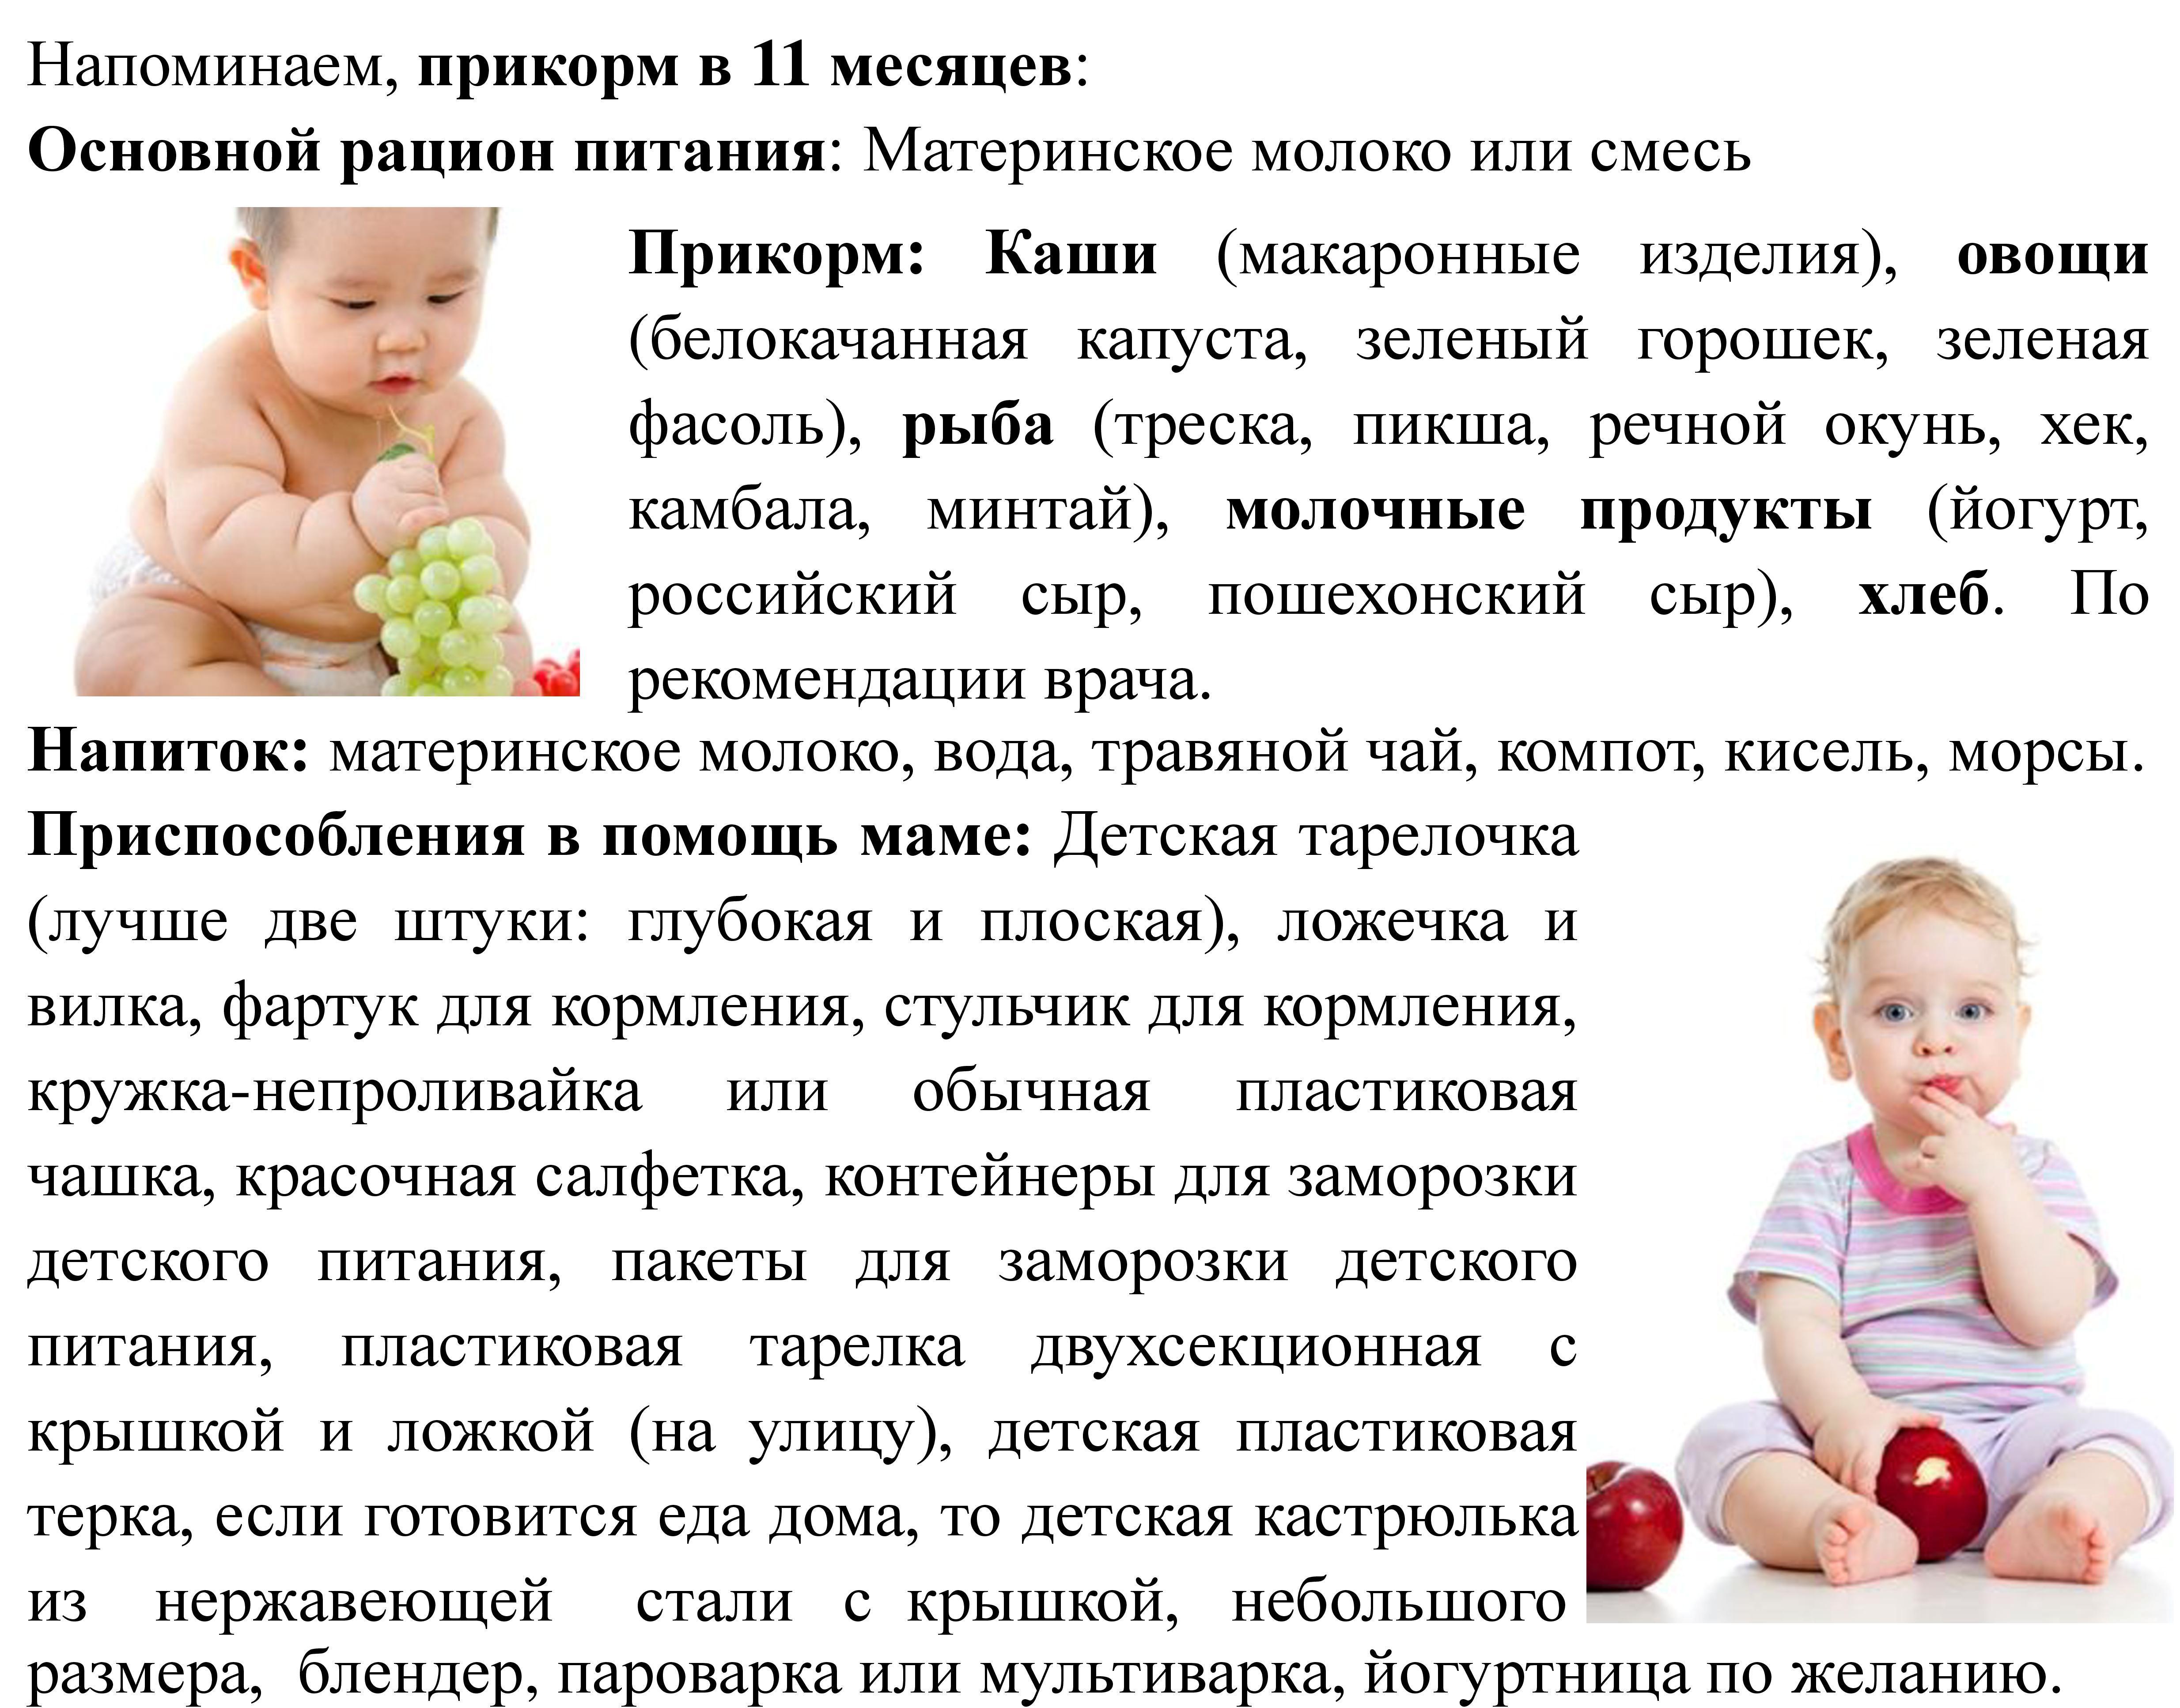 Прикорм в 11 месяцев